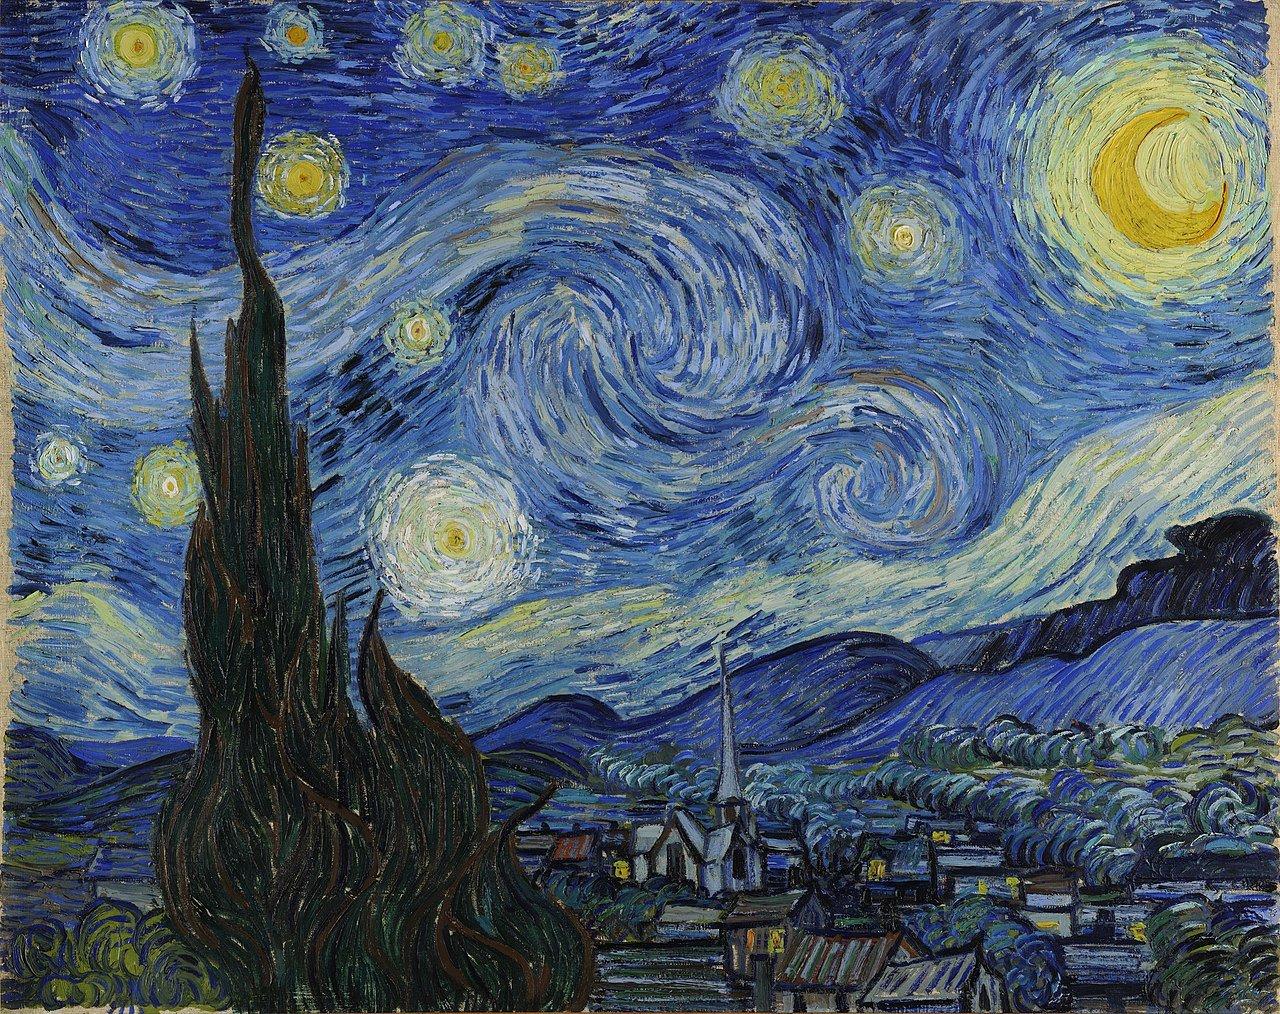 Poesía en Bardulias: Mirar las estrellas